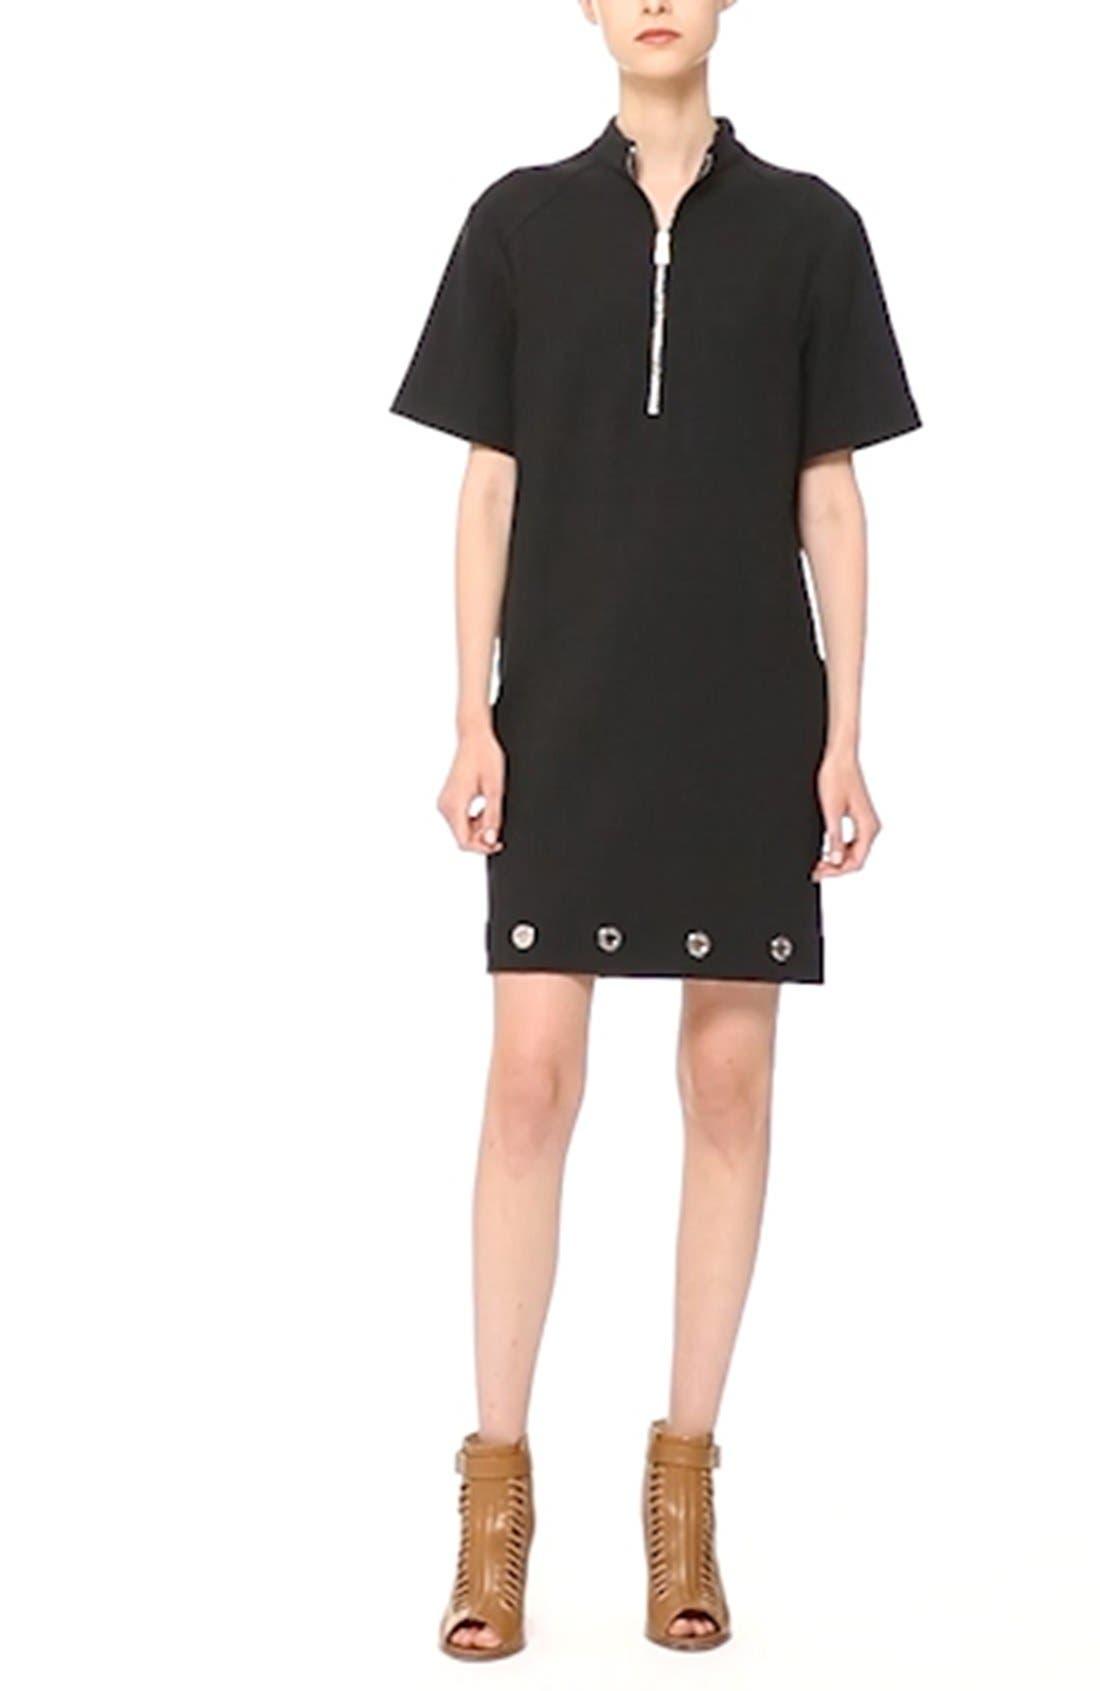 BELSTAFF, Grommet Detail Stretch Cotton Shift Dress, Alternate thumbnail 2, color, 001